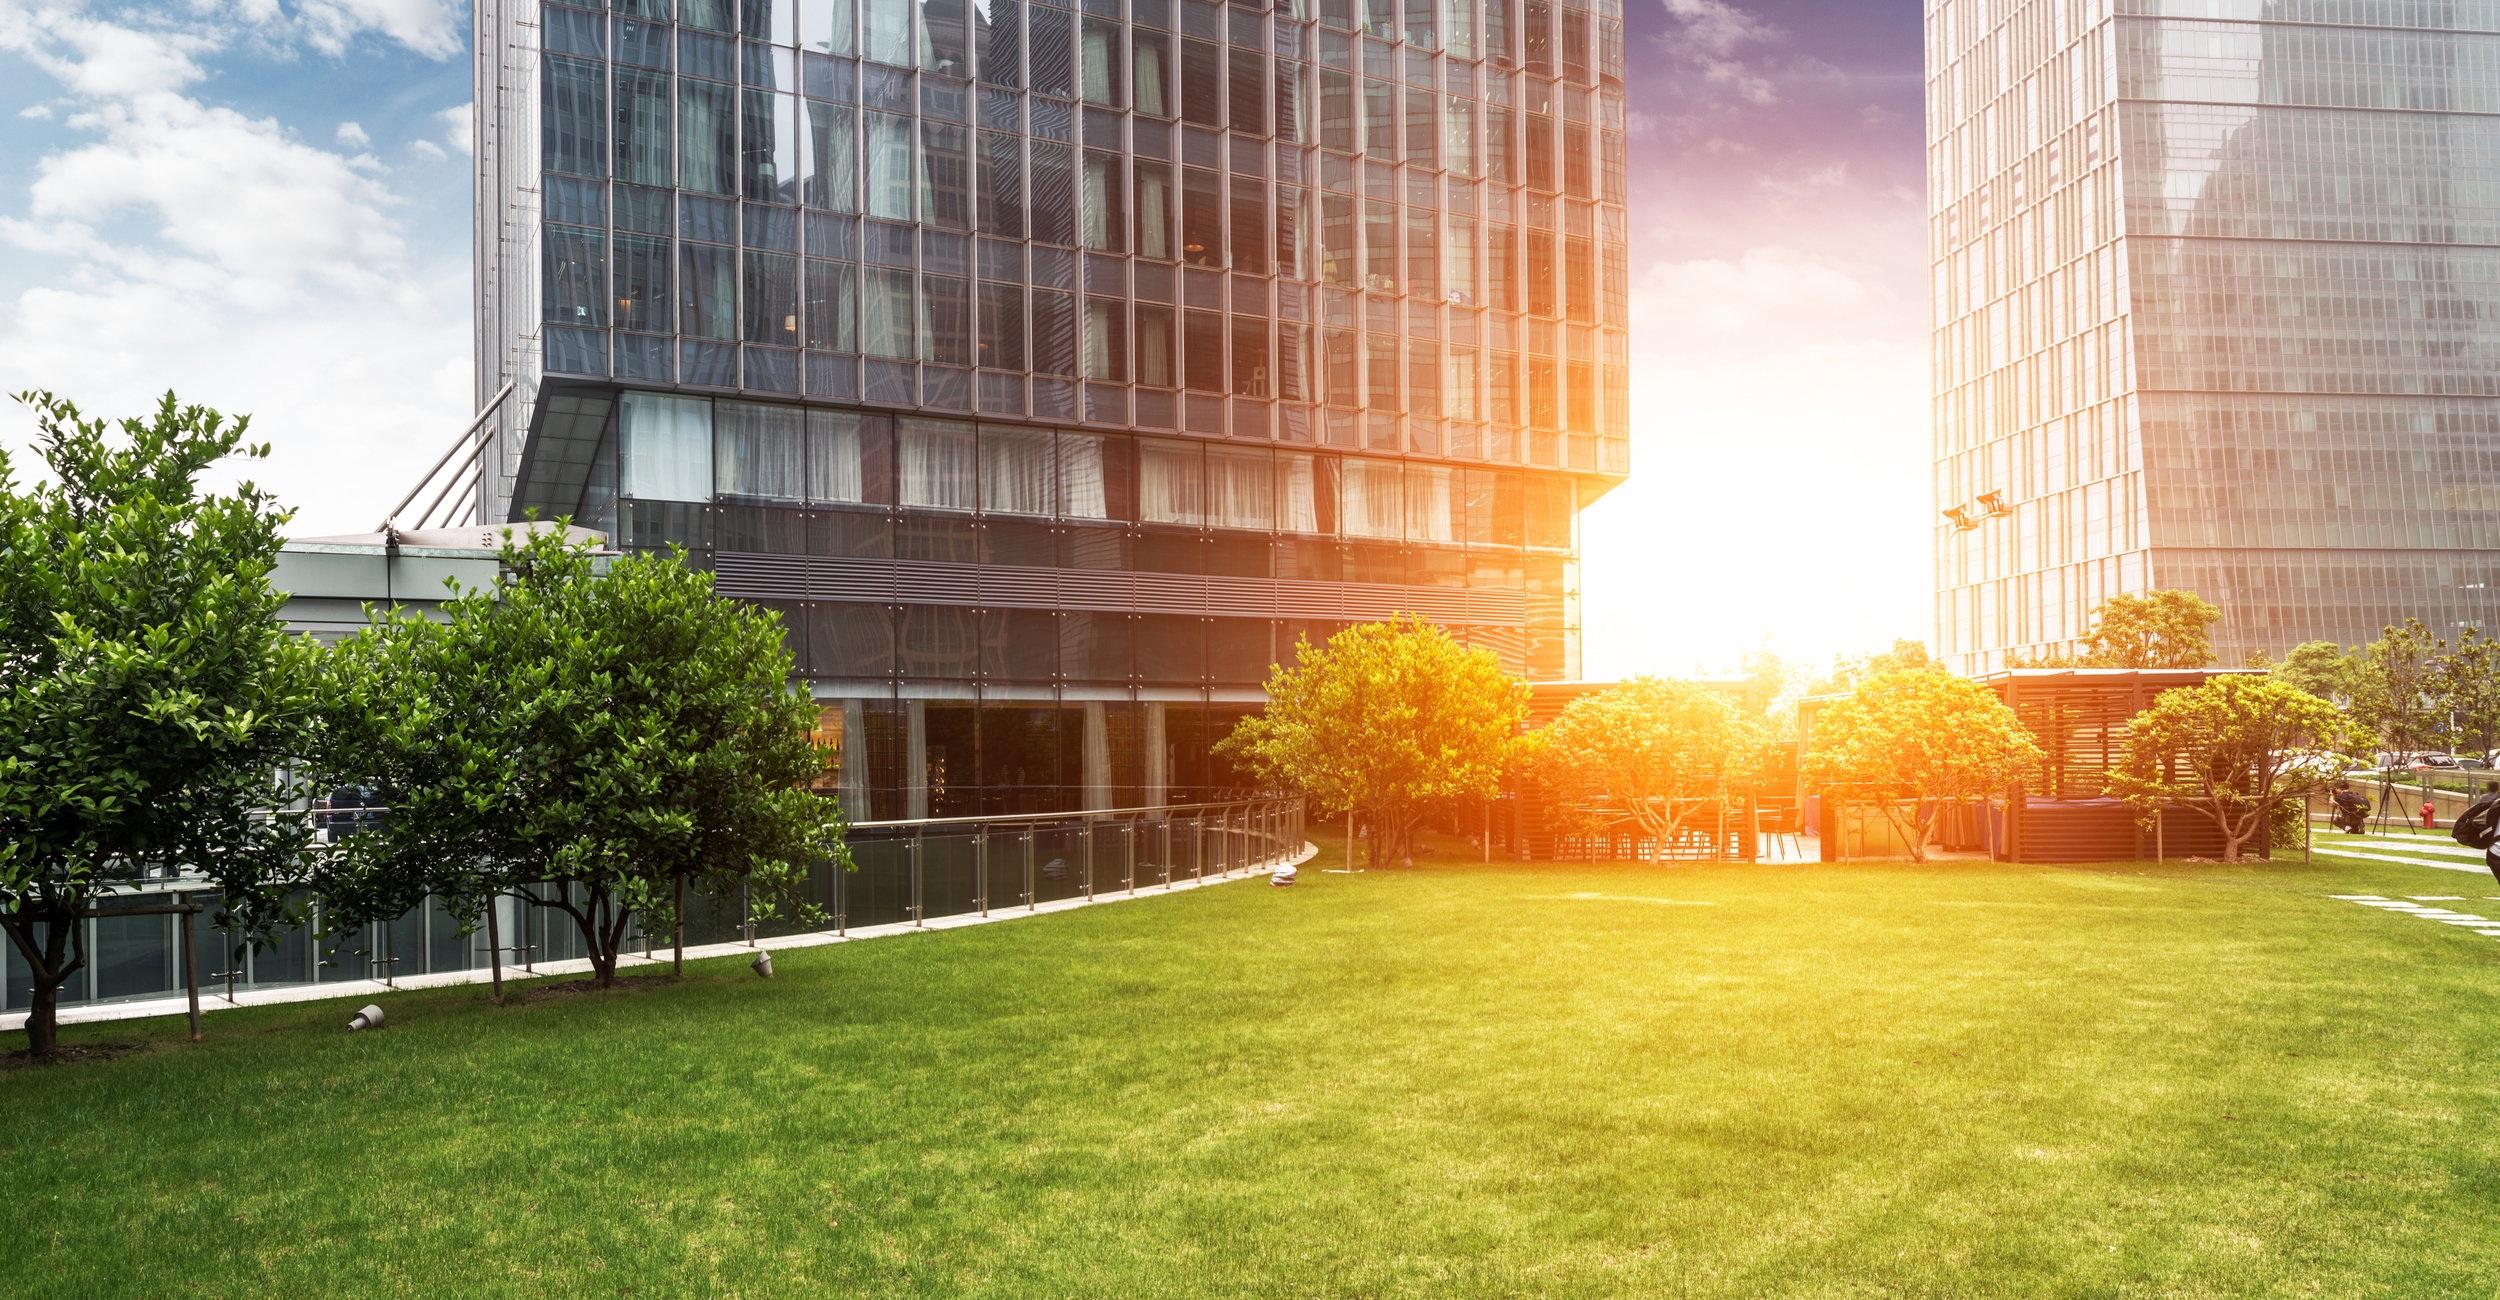 Commercial Landscape Management -